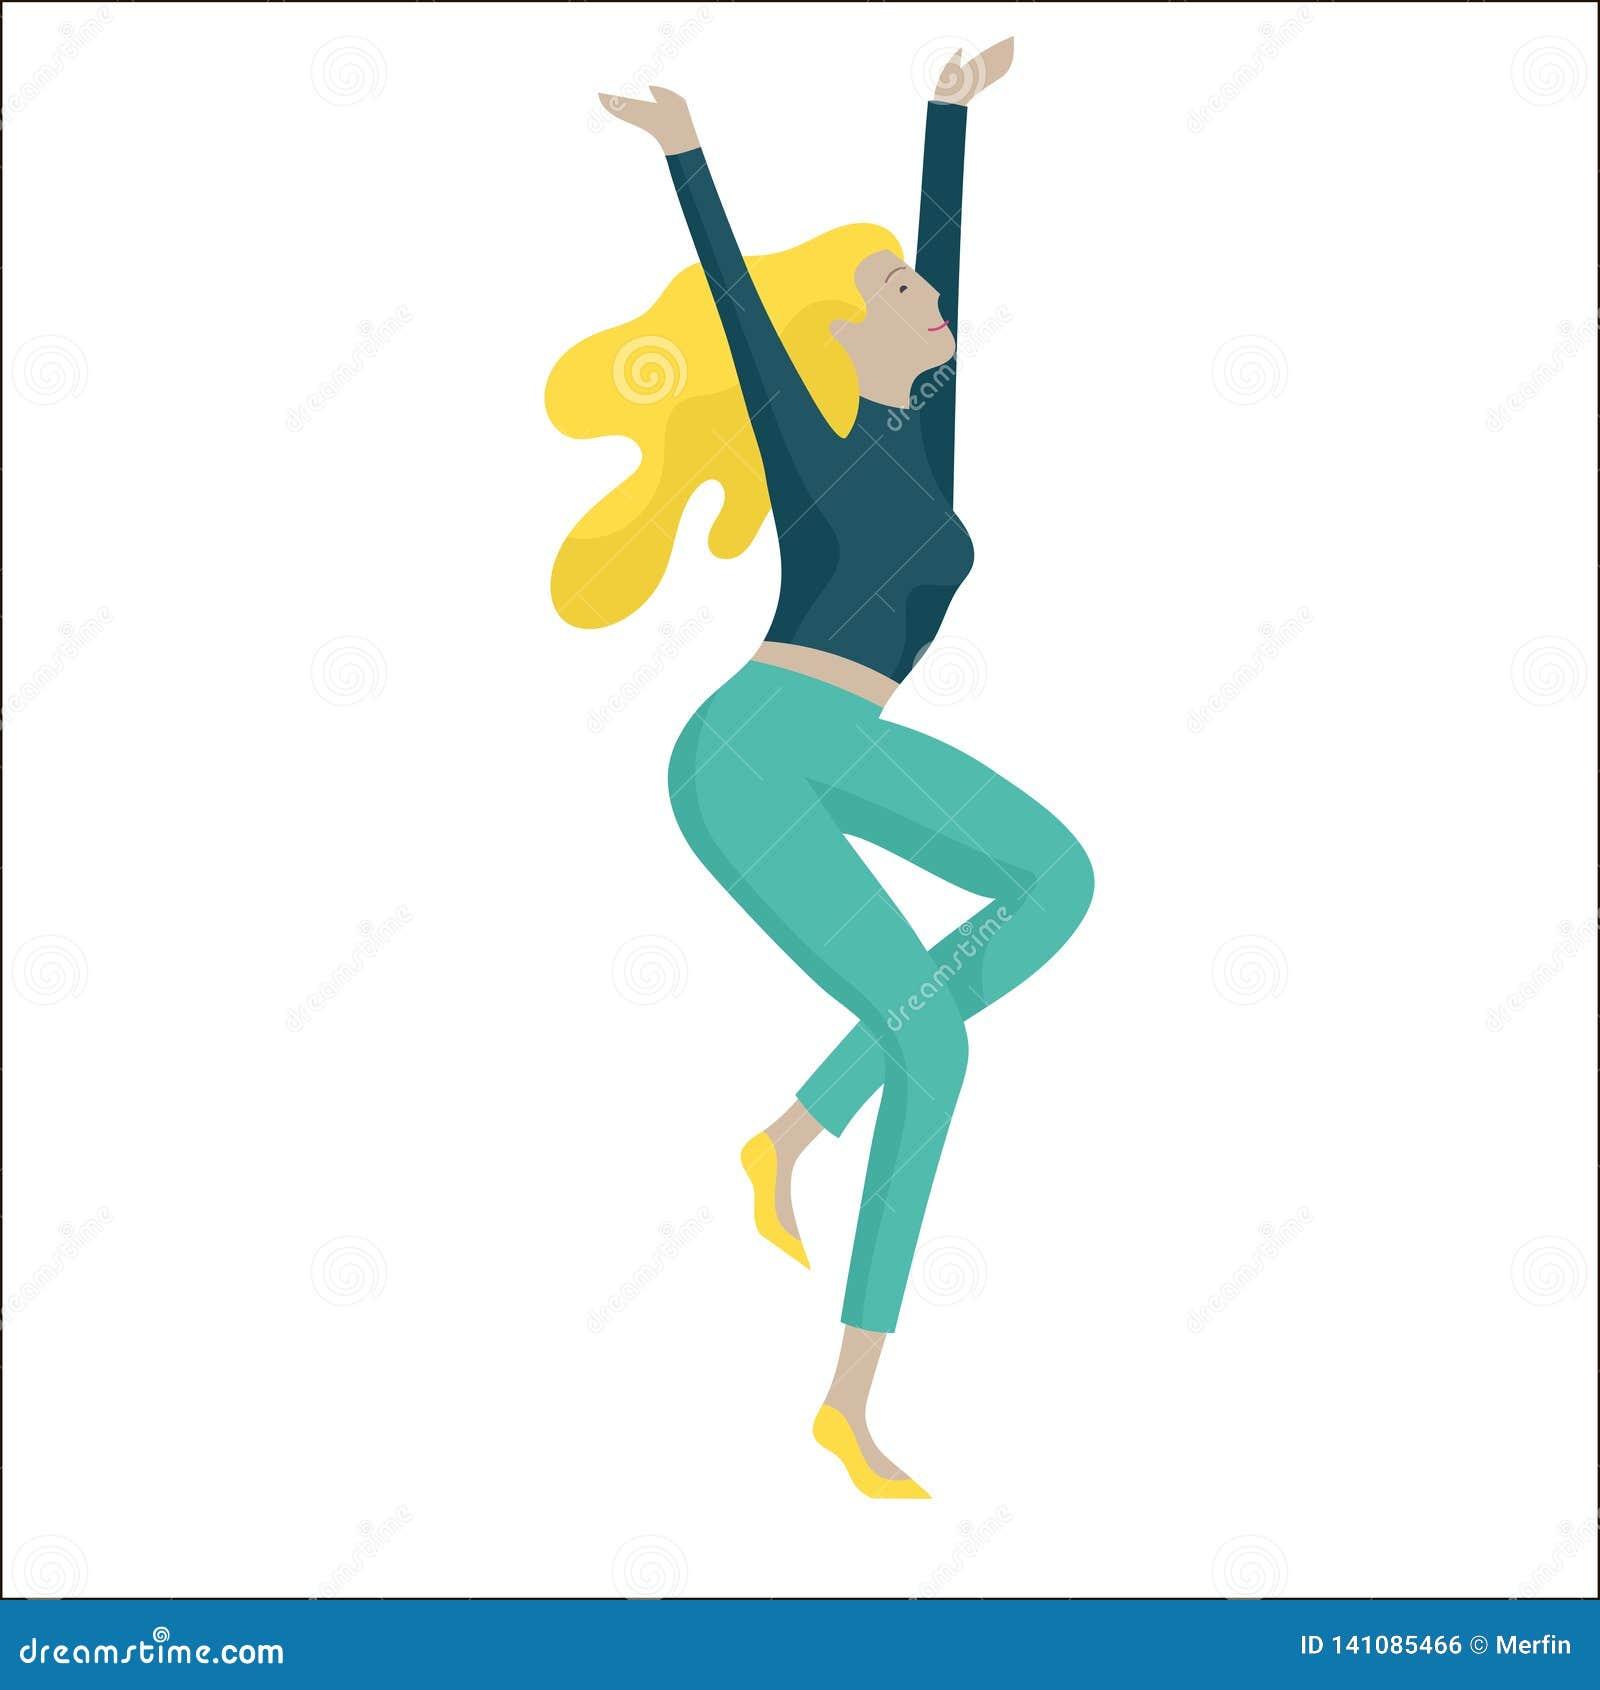 Ο πηδώντας χαρακτήρας σε διάφορο θέτει Ευτυχείς θετικές νεαροί άνδρες ή γυναίκες που χαίρονται μαζί, ευτυχία, ελευθερία